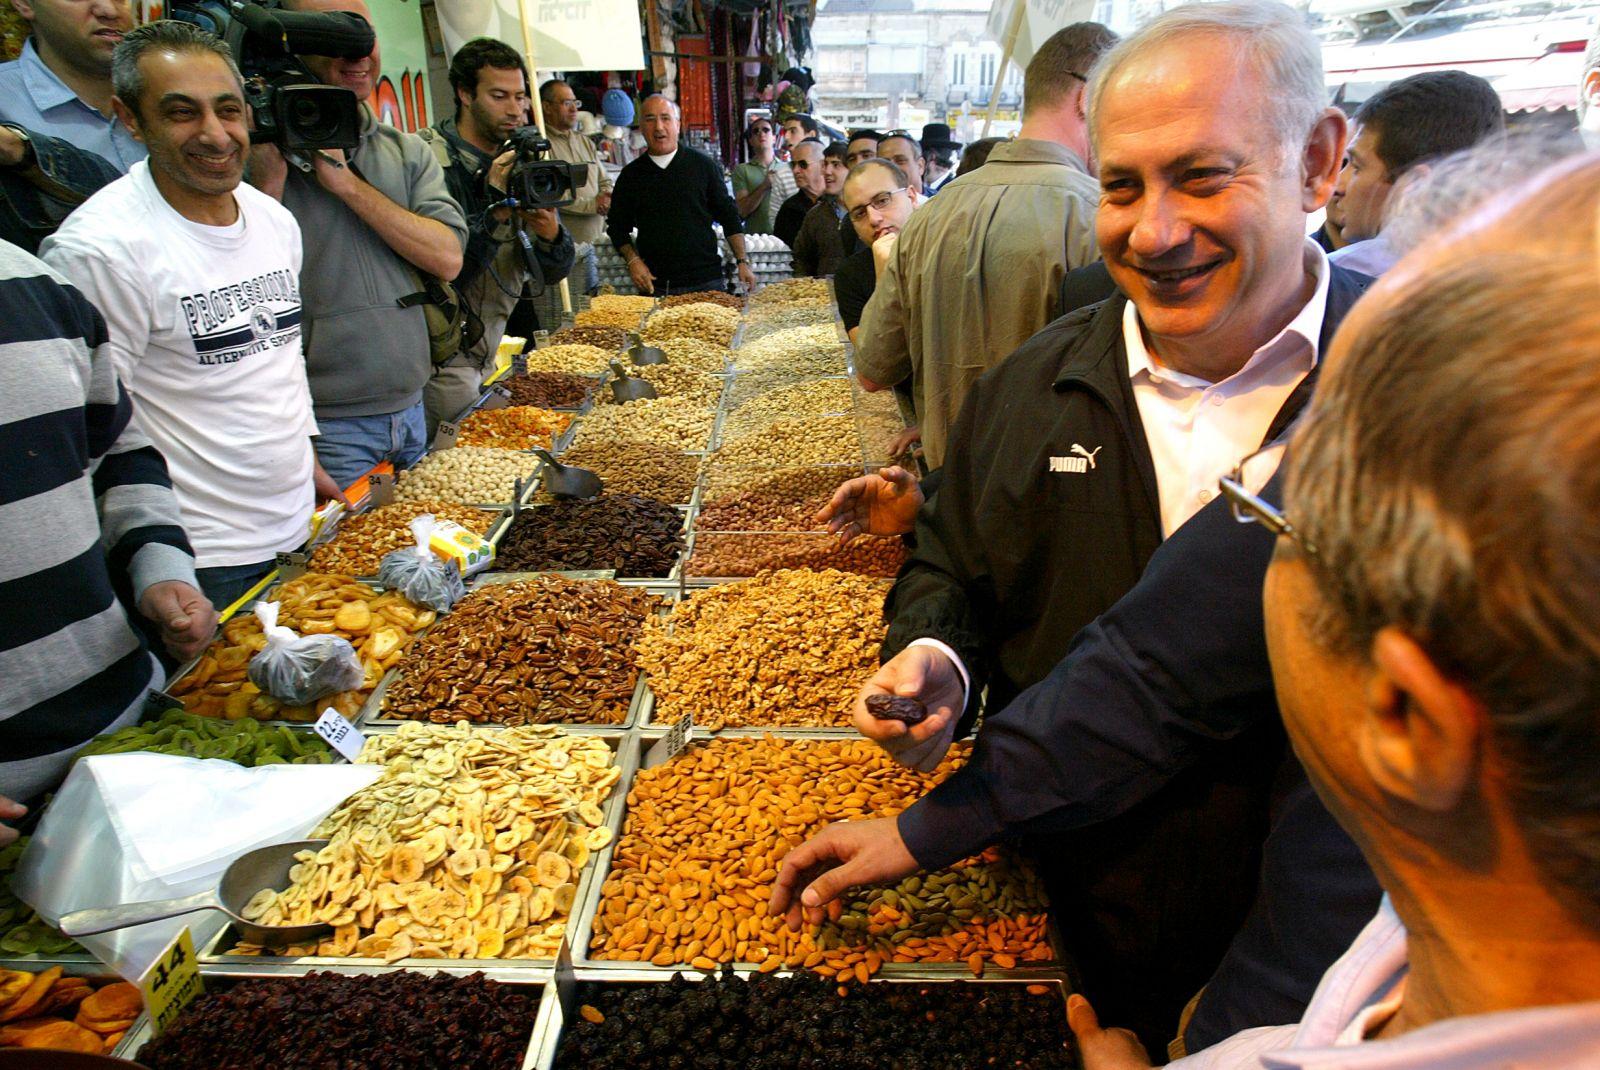 בנימין נתניהו מבקר בשוק מחנה-יהודה בירושלים לקראת בחירות 2009, שבסופן מונה לתפקיד ראש הממשלה (צילום: אוליביה פיטוסי)